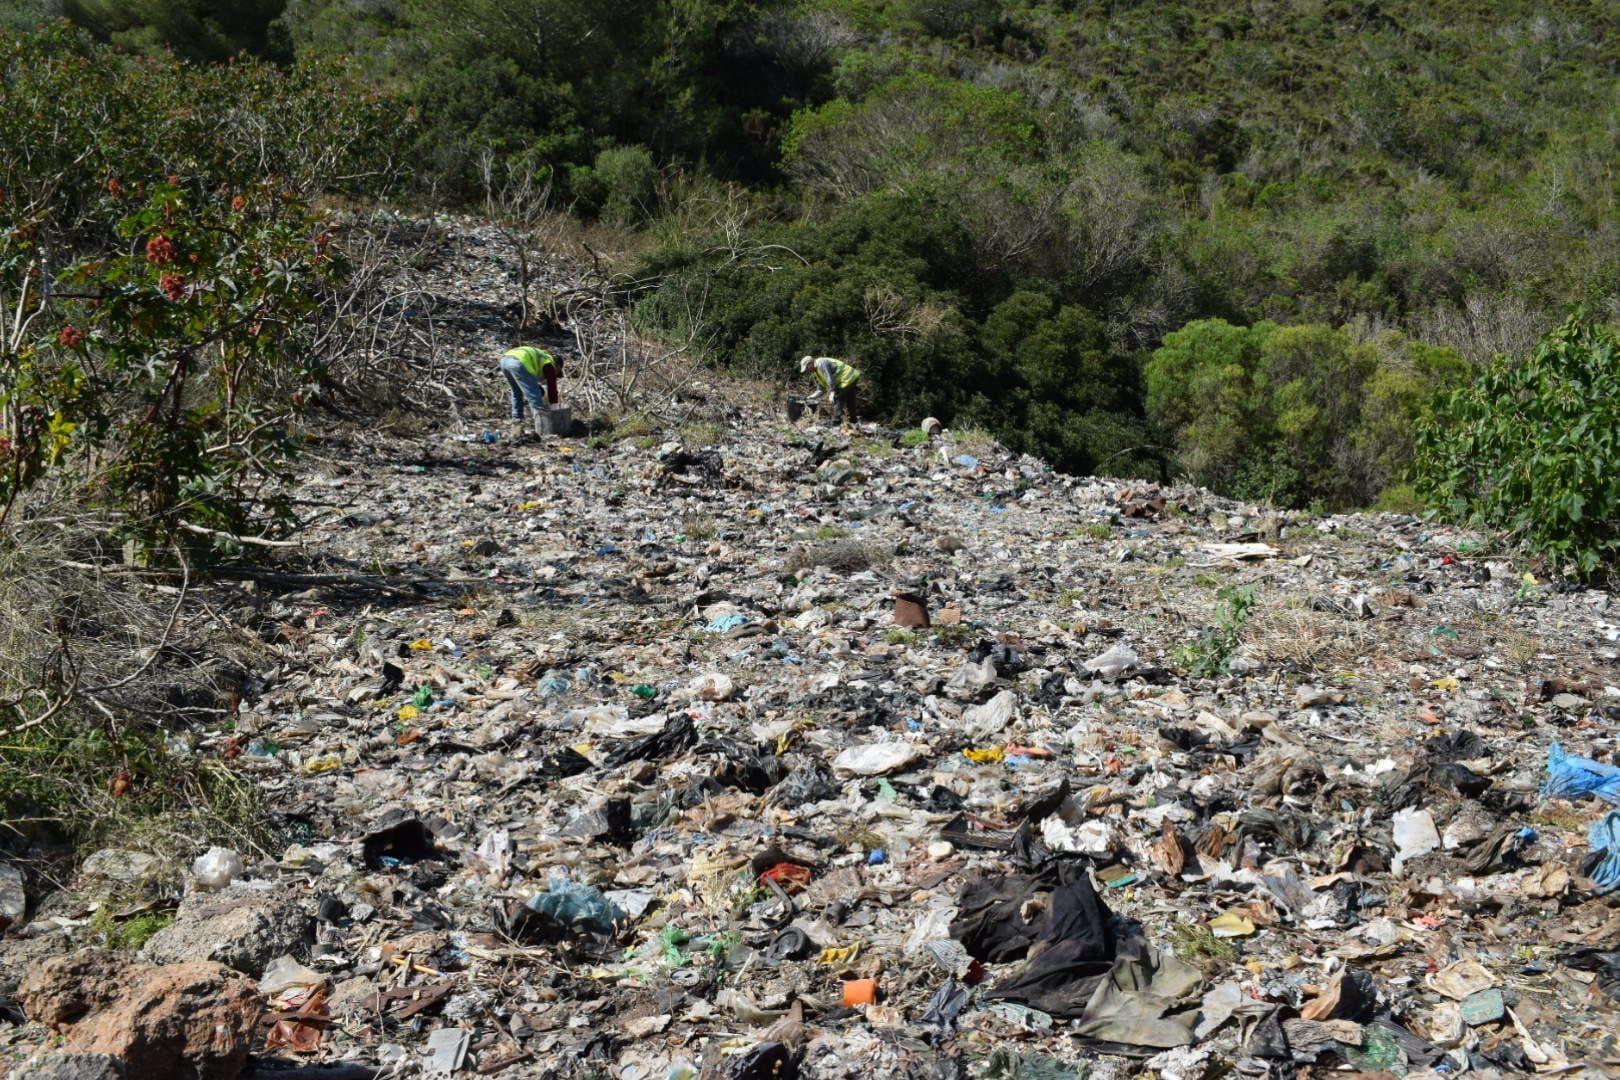 El ayuntamiento de Felanitx recoge veinte toneladas de basura en el vertedero ilegal